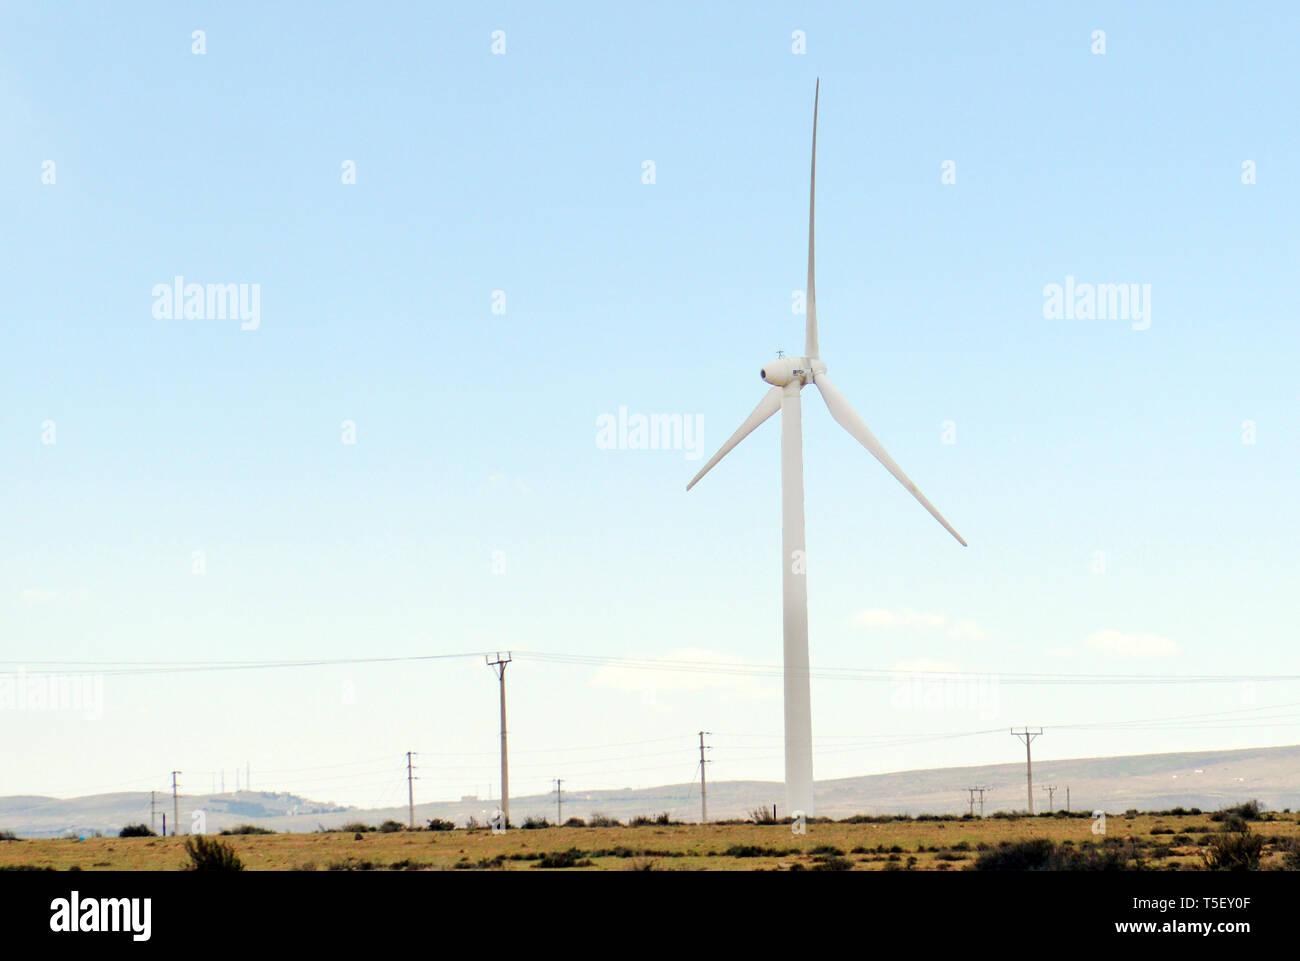 Un aerogenerador en una granja de energía renovable en Jordania. Imagen De Stock